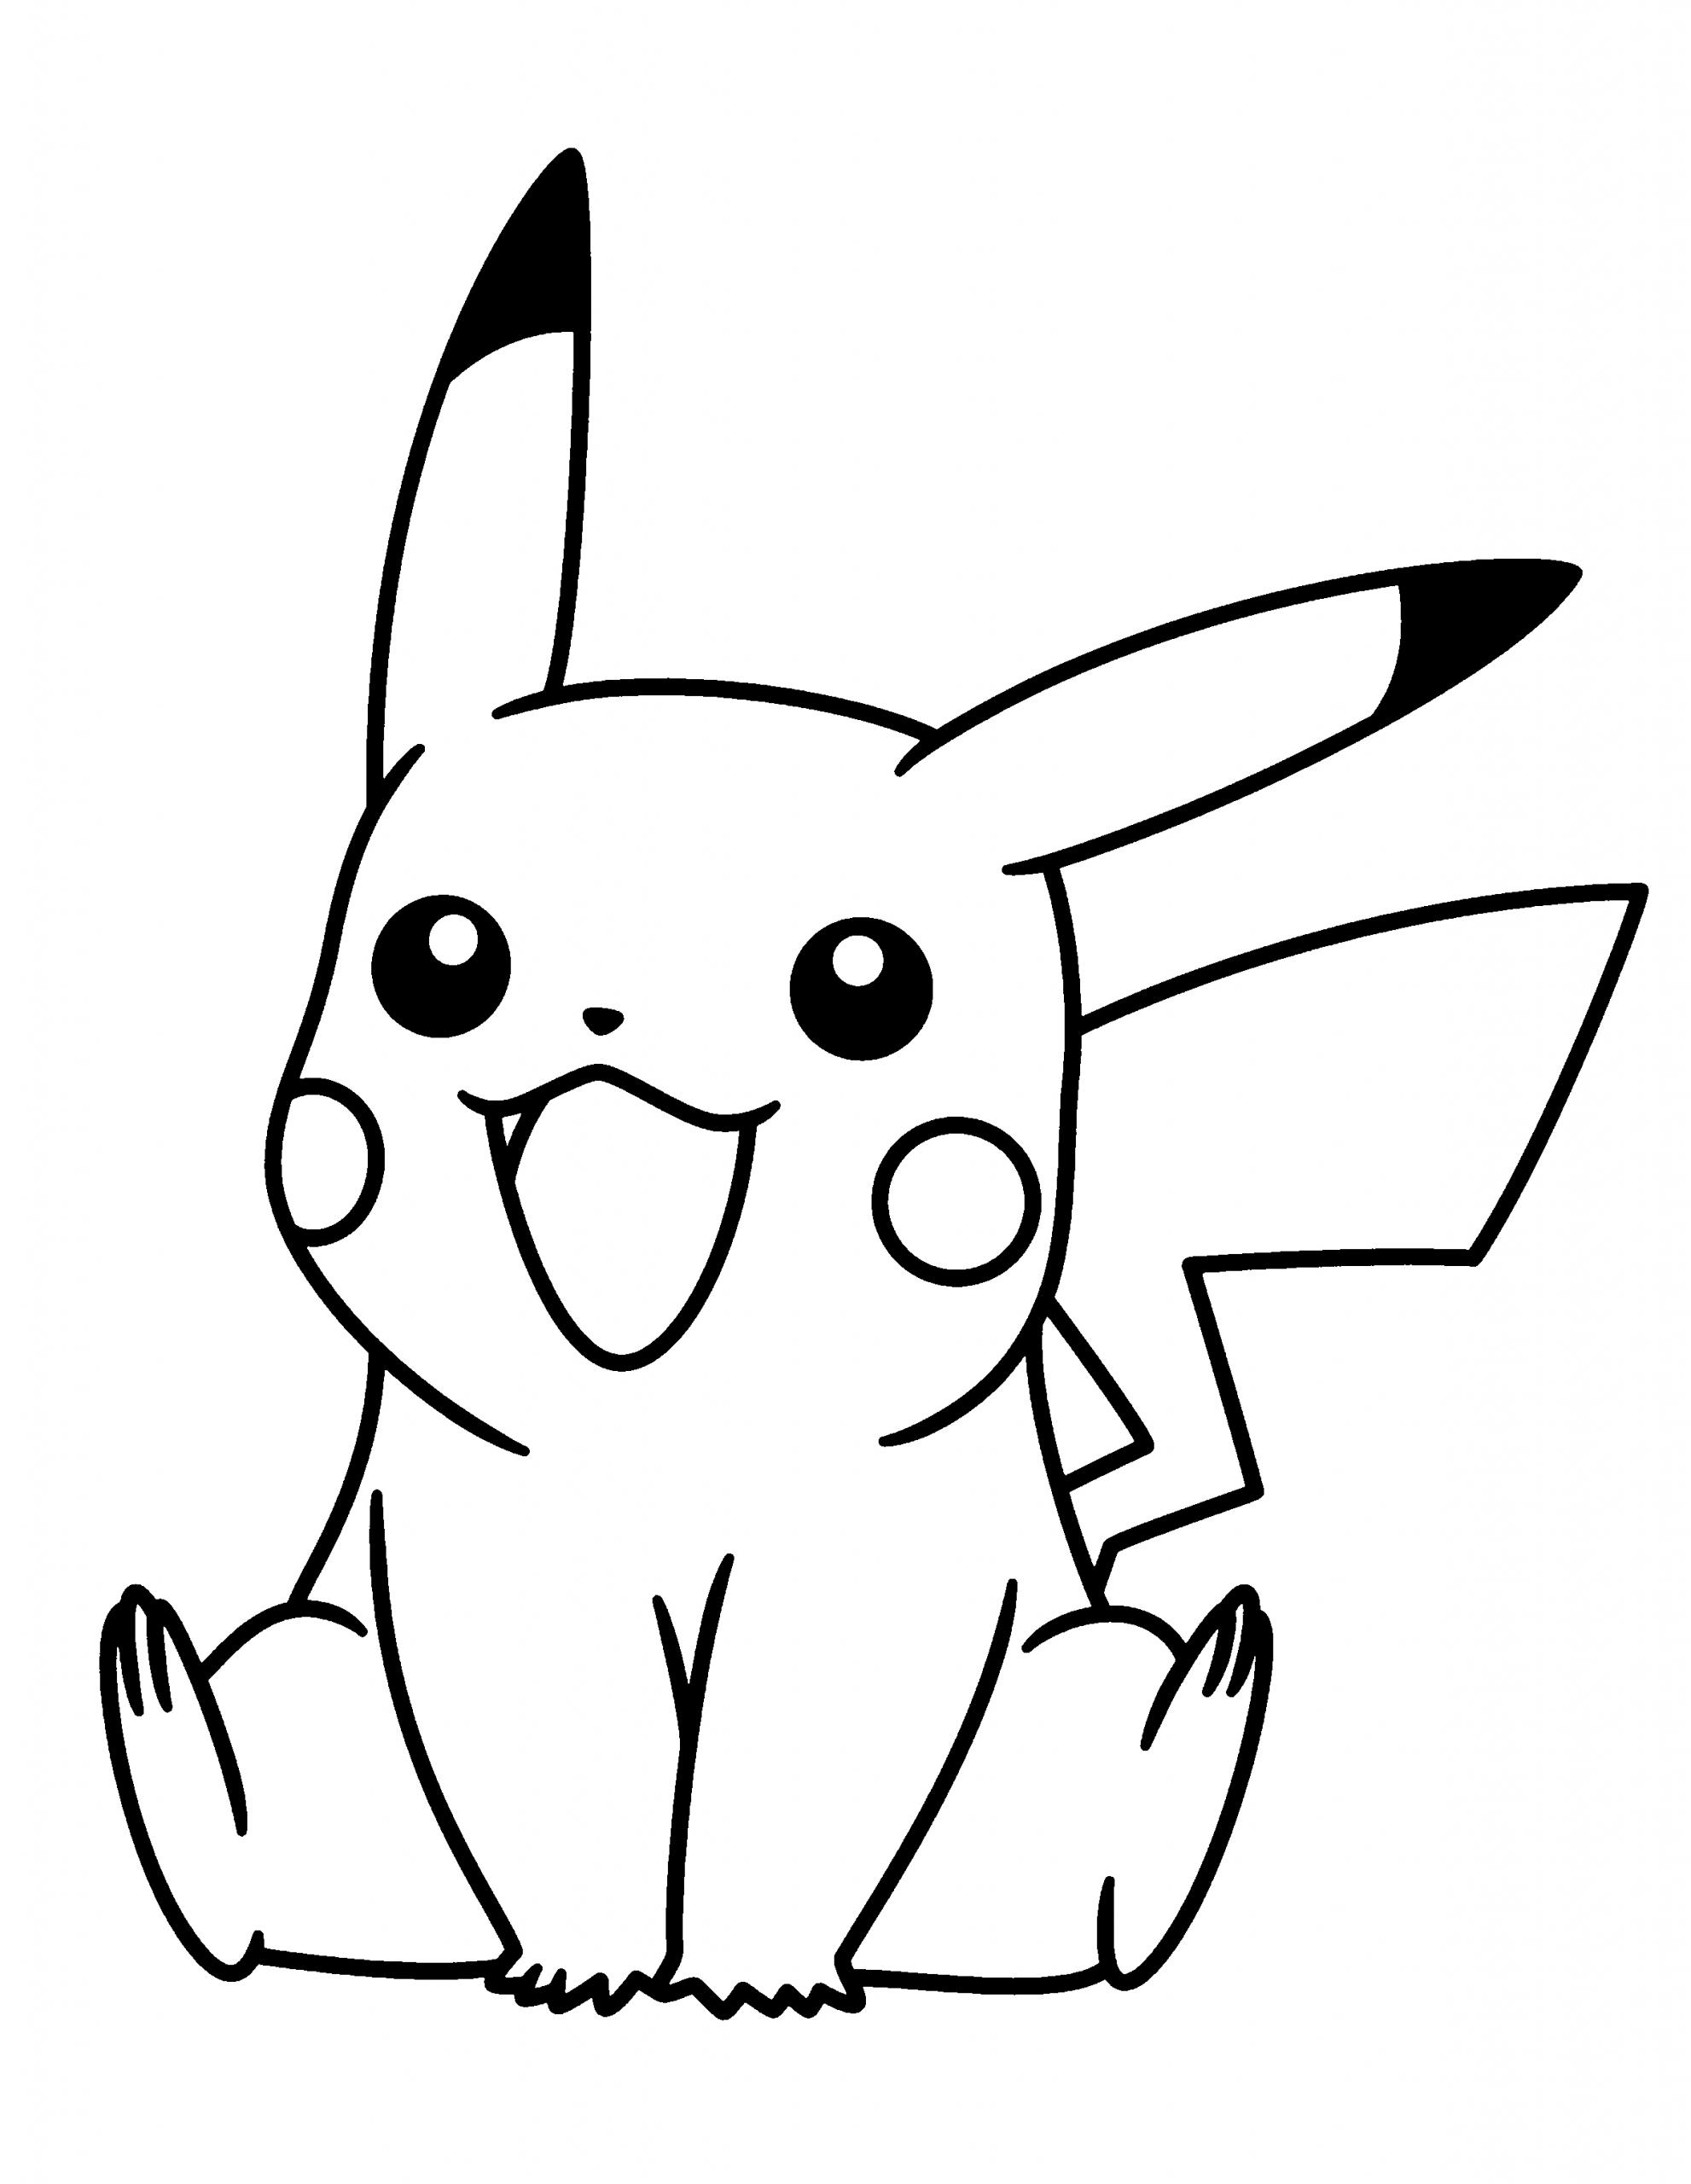 Pikachu Pokemon Coloring Pages | Coloriage Pikachu encequiconcerne Dessin De Pikachu Facile